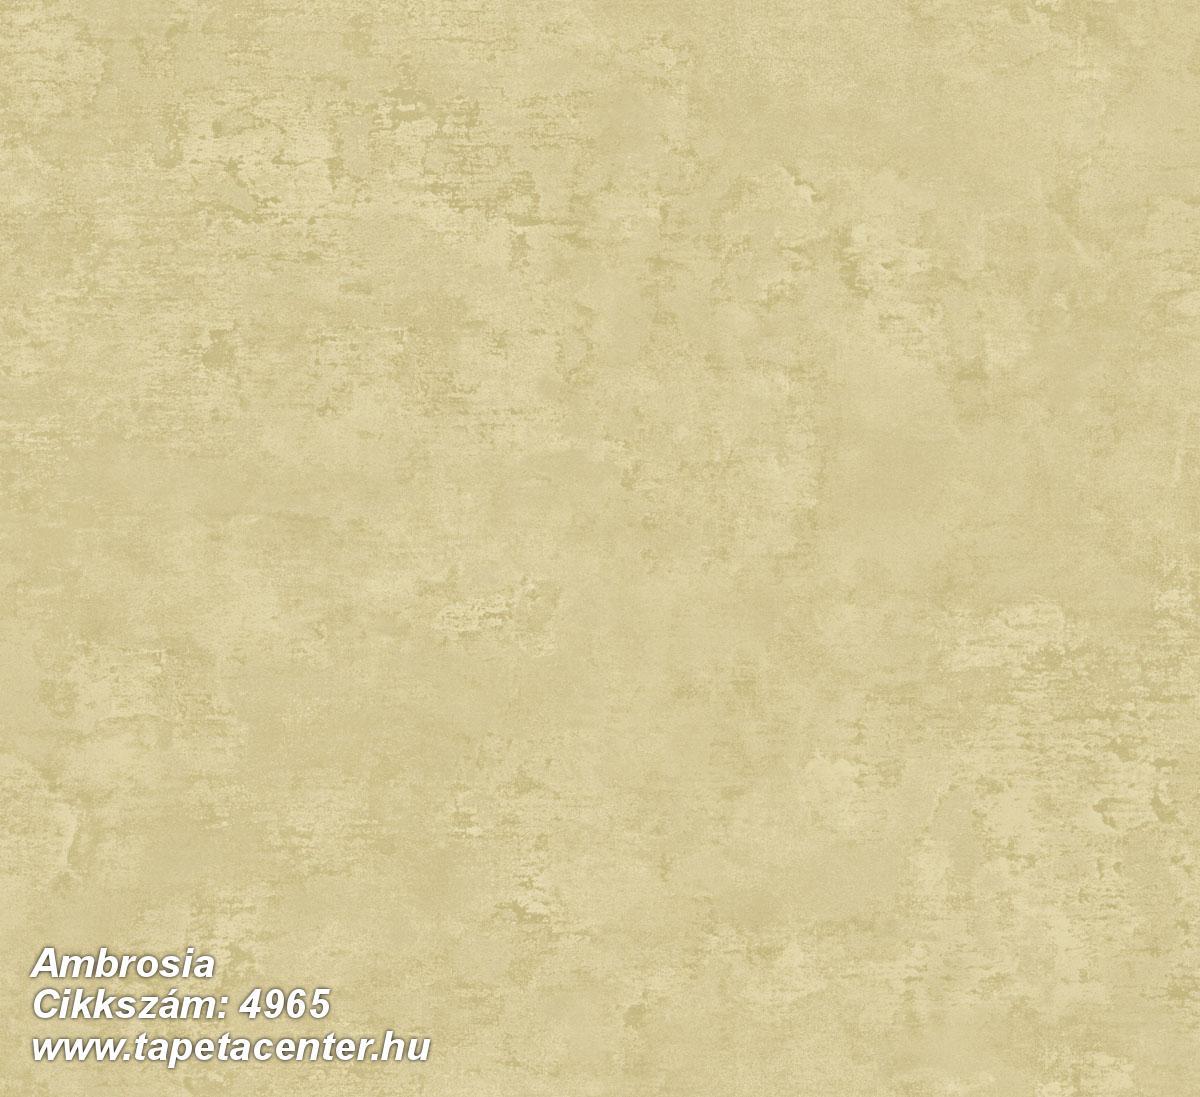 Ambrosia - 4965 Olasz tapéta